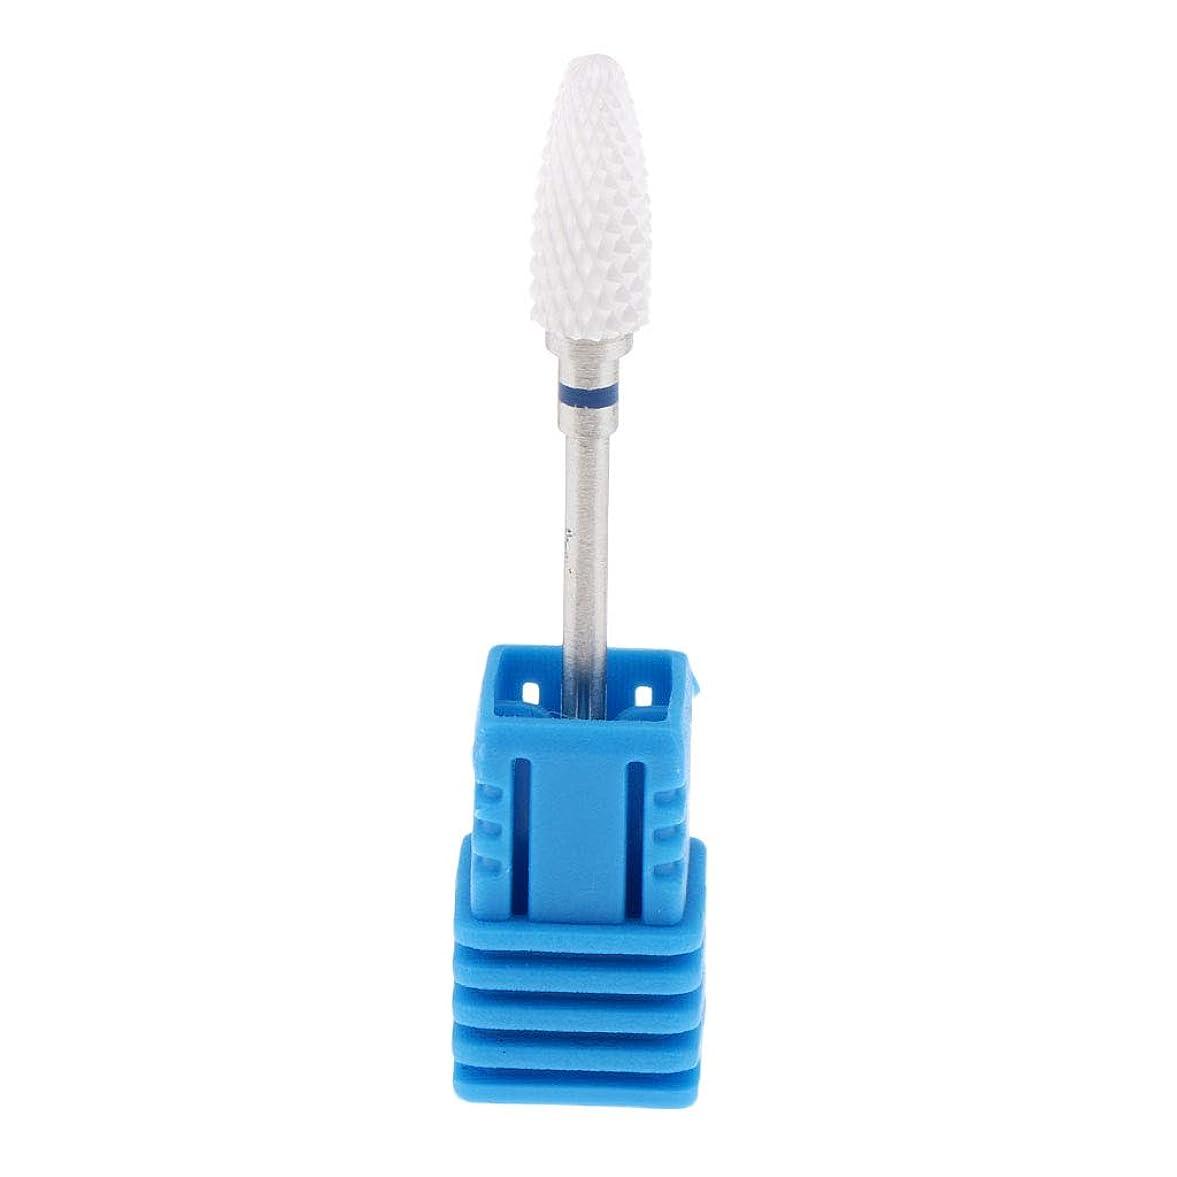 決定するドループアコーFLAMEER 5サイズ ネイルサロン 美容院 プロ ネイルドリルビット - M